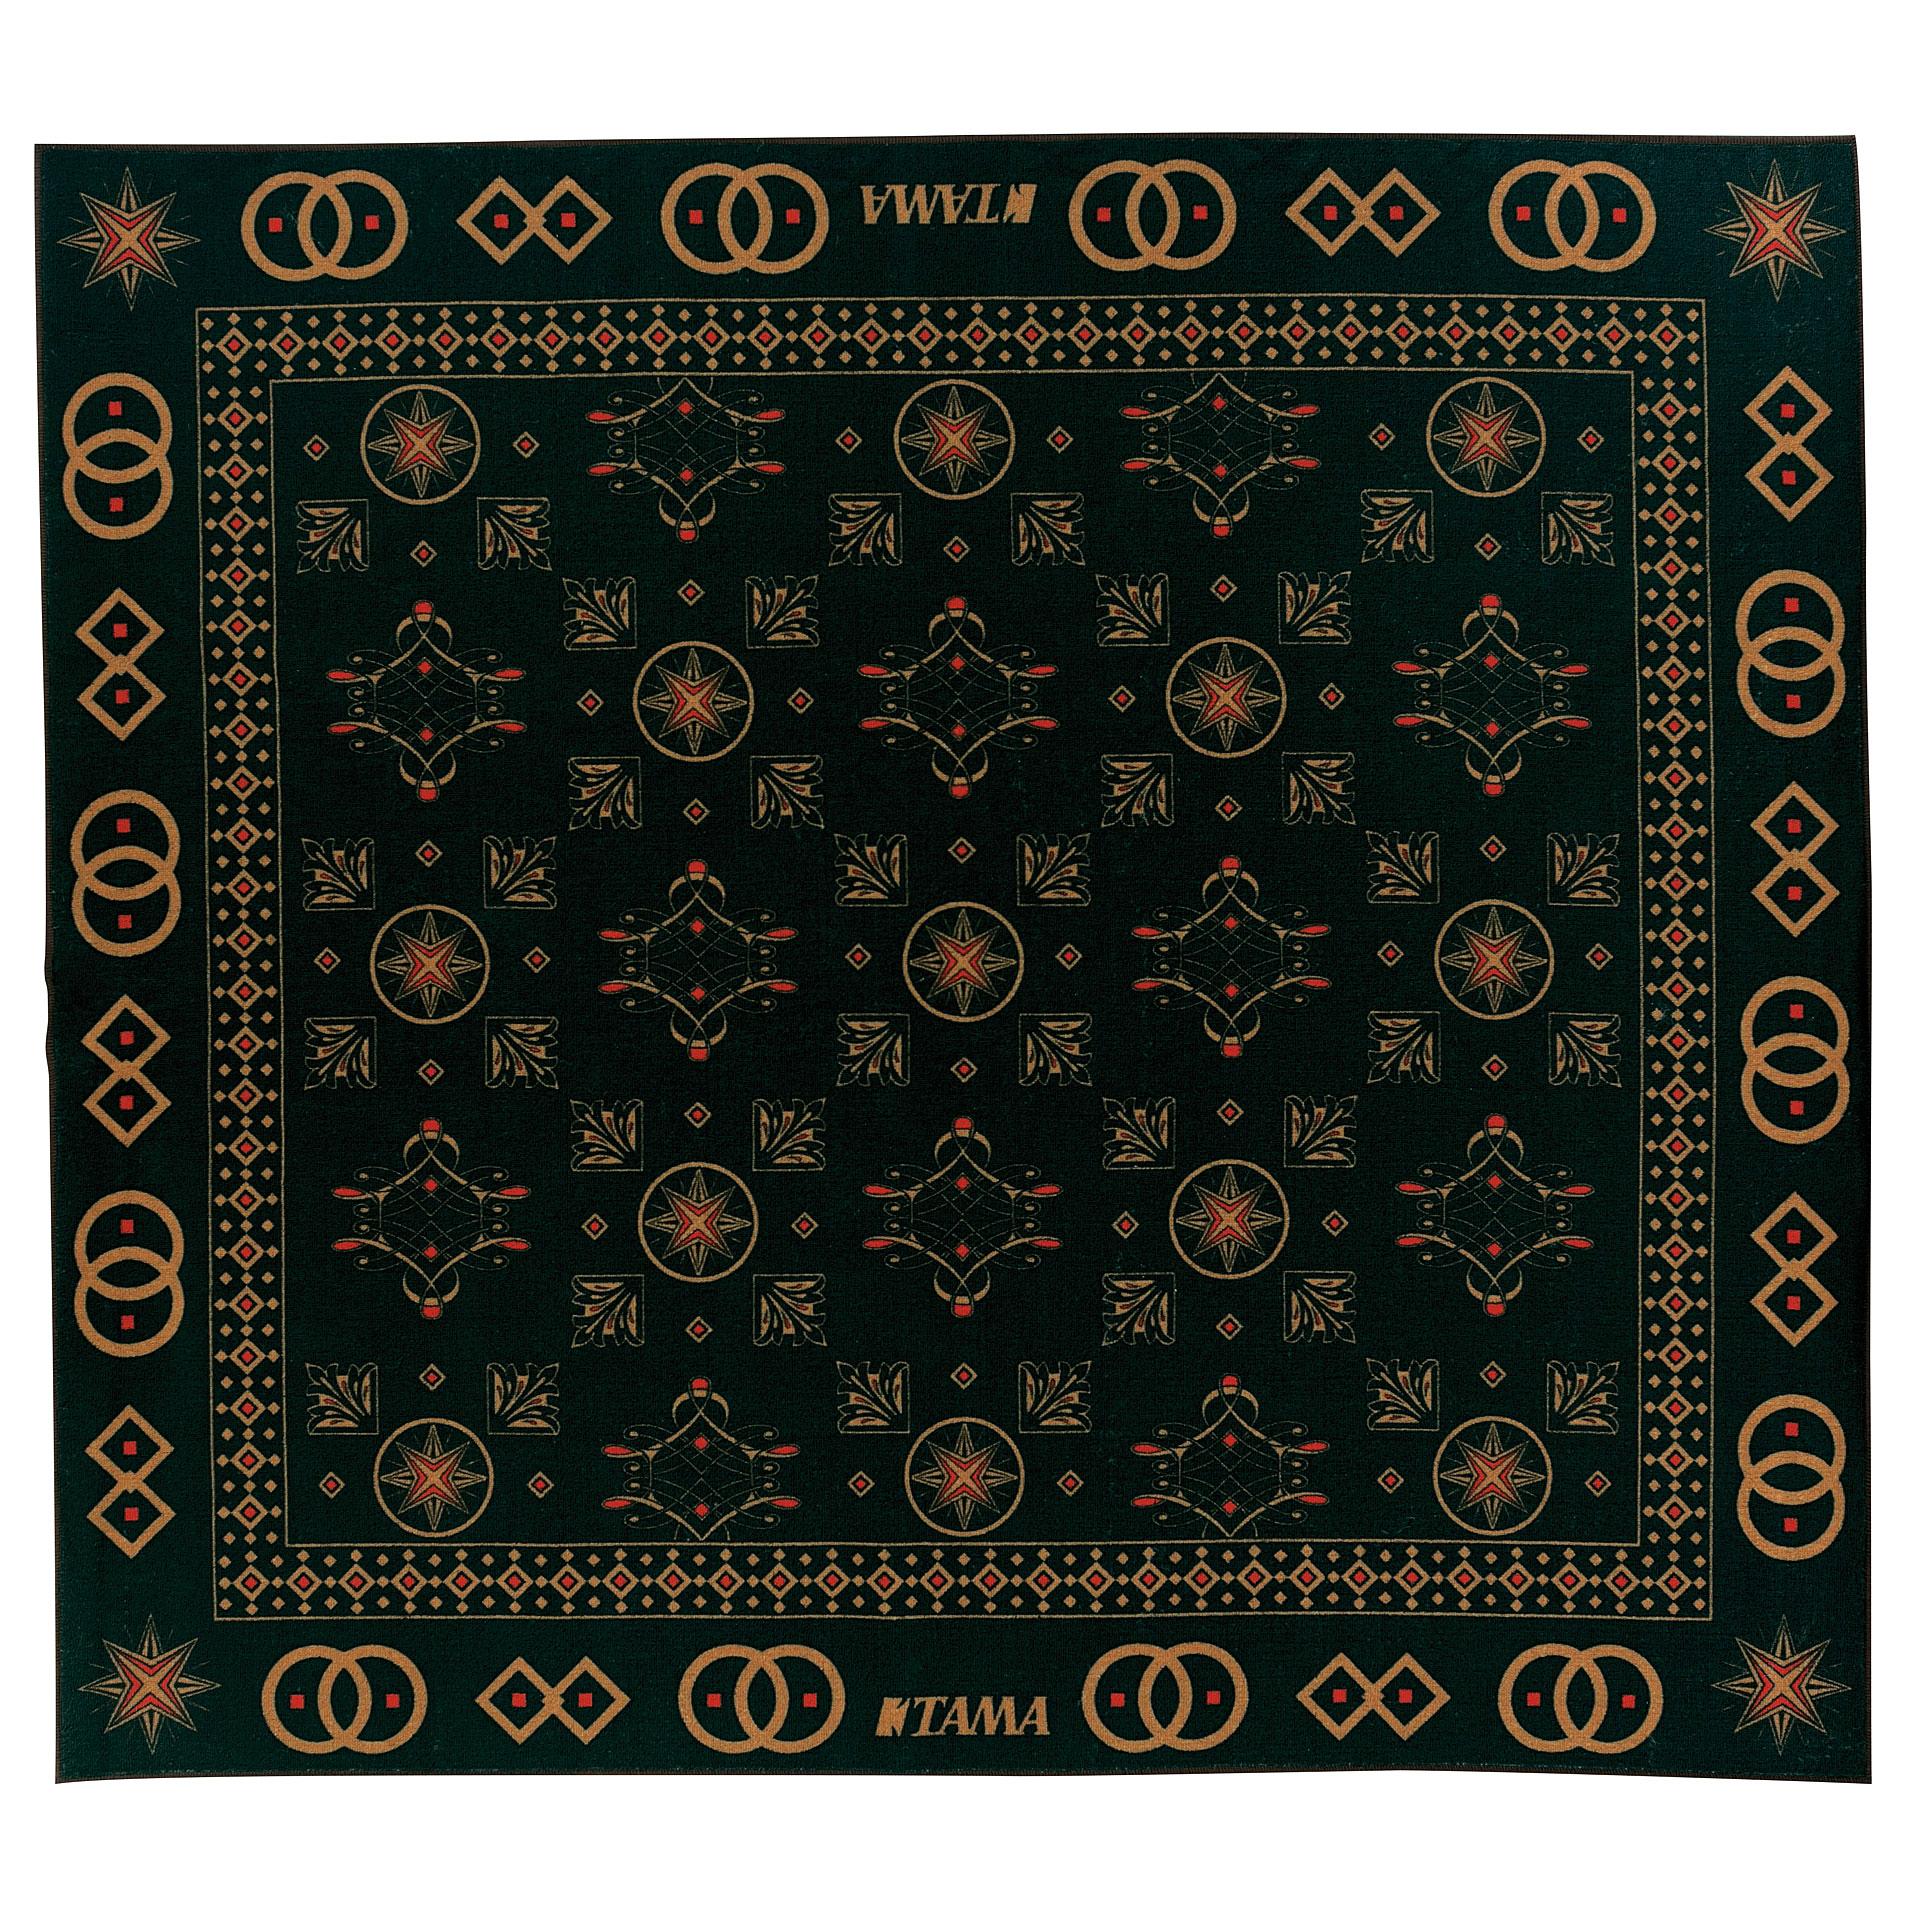 Tama Oriental Design Drum Rug Drum Zubehör